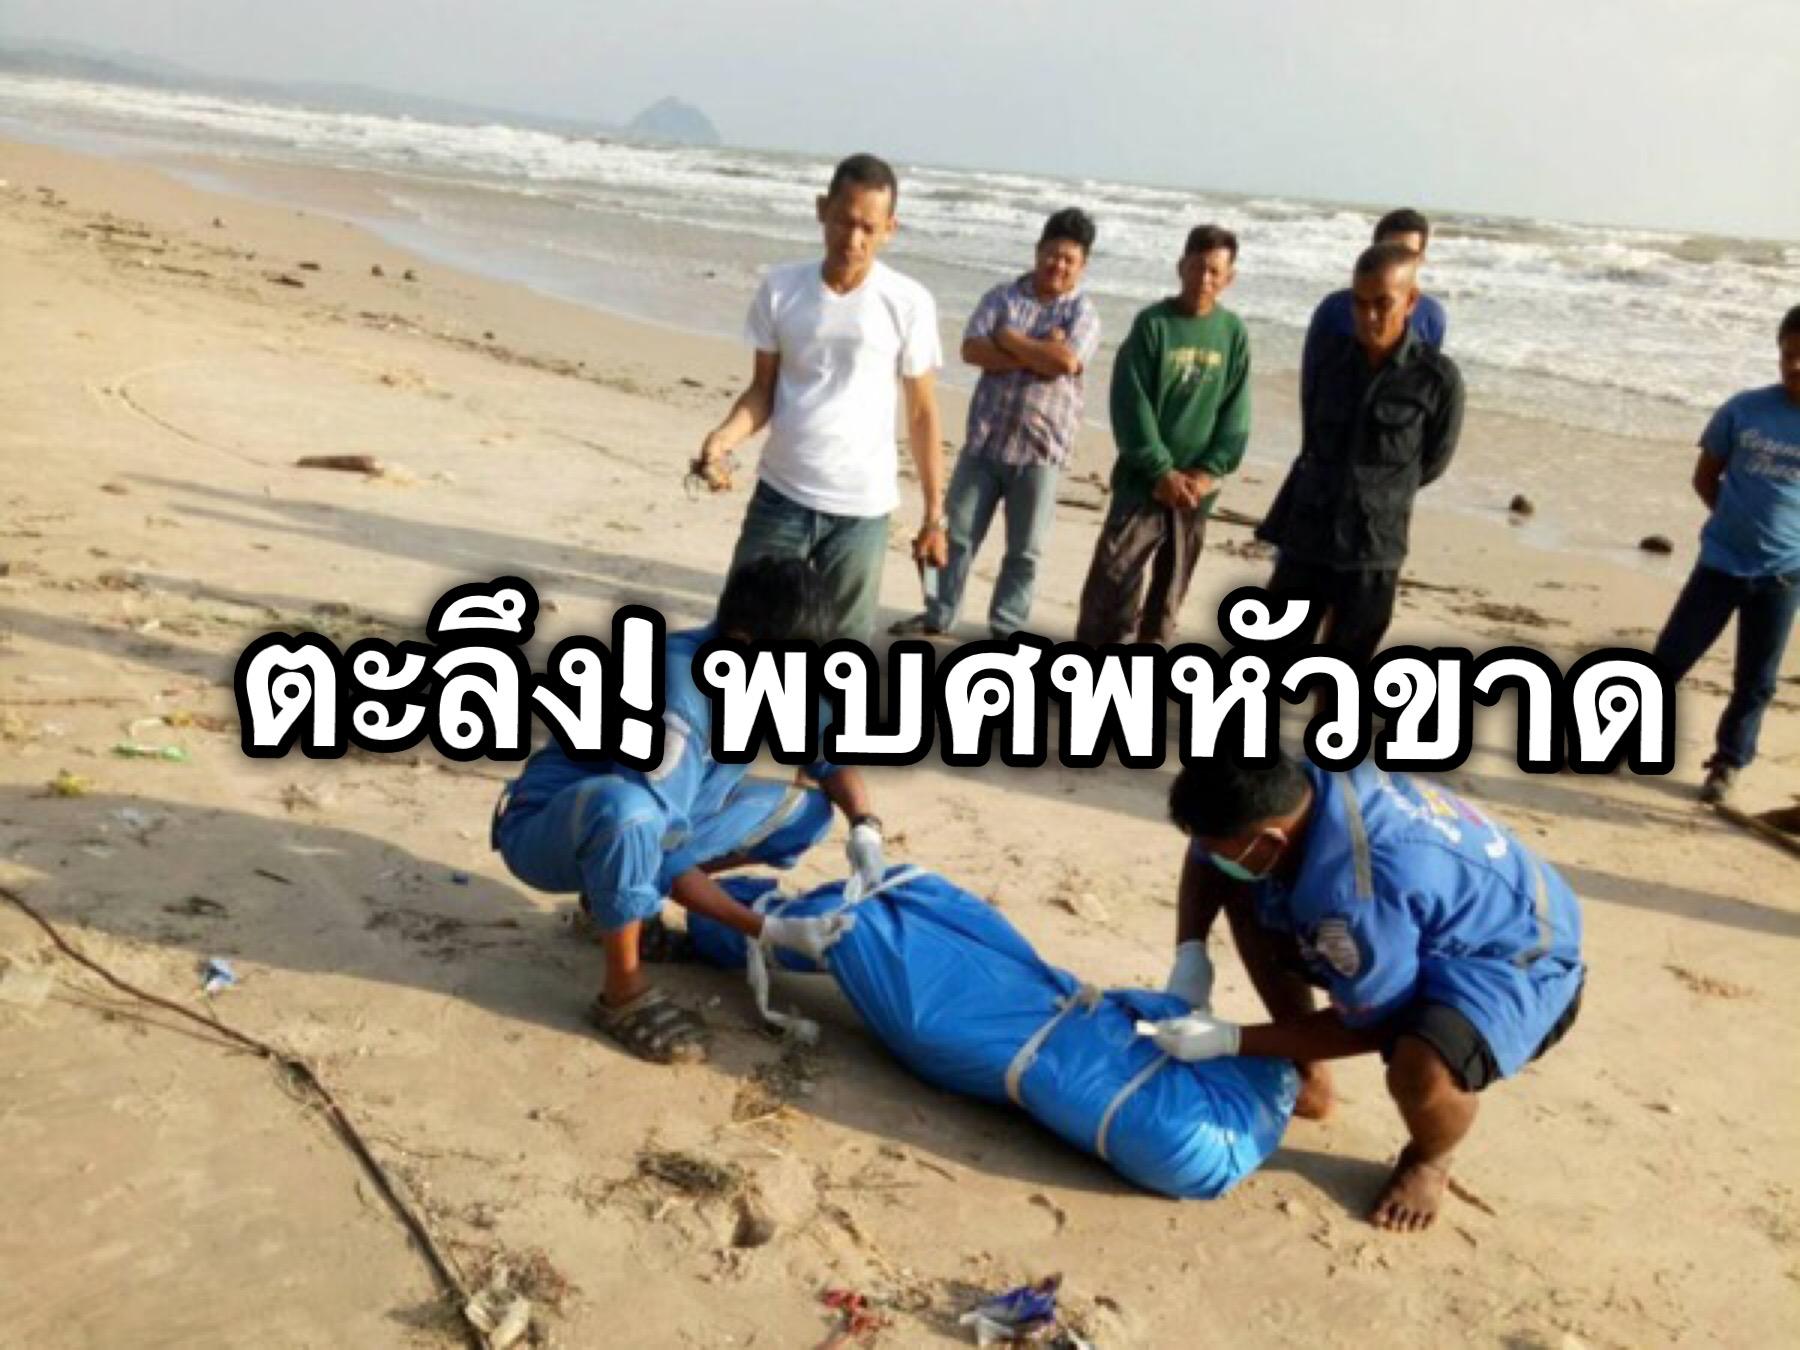 ตะลึง! พบศพชายนิรนามสภาพหัวขาดถูกคลื่นซัดเกยตื้นชายหาดดังที่ขุมพร